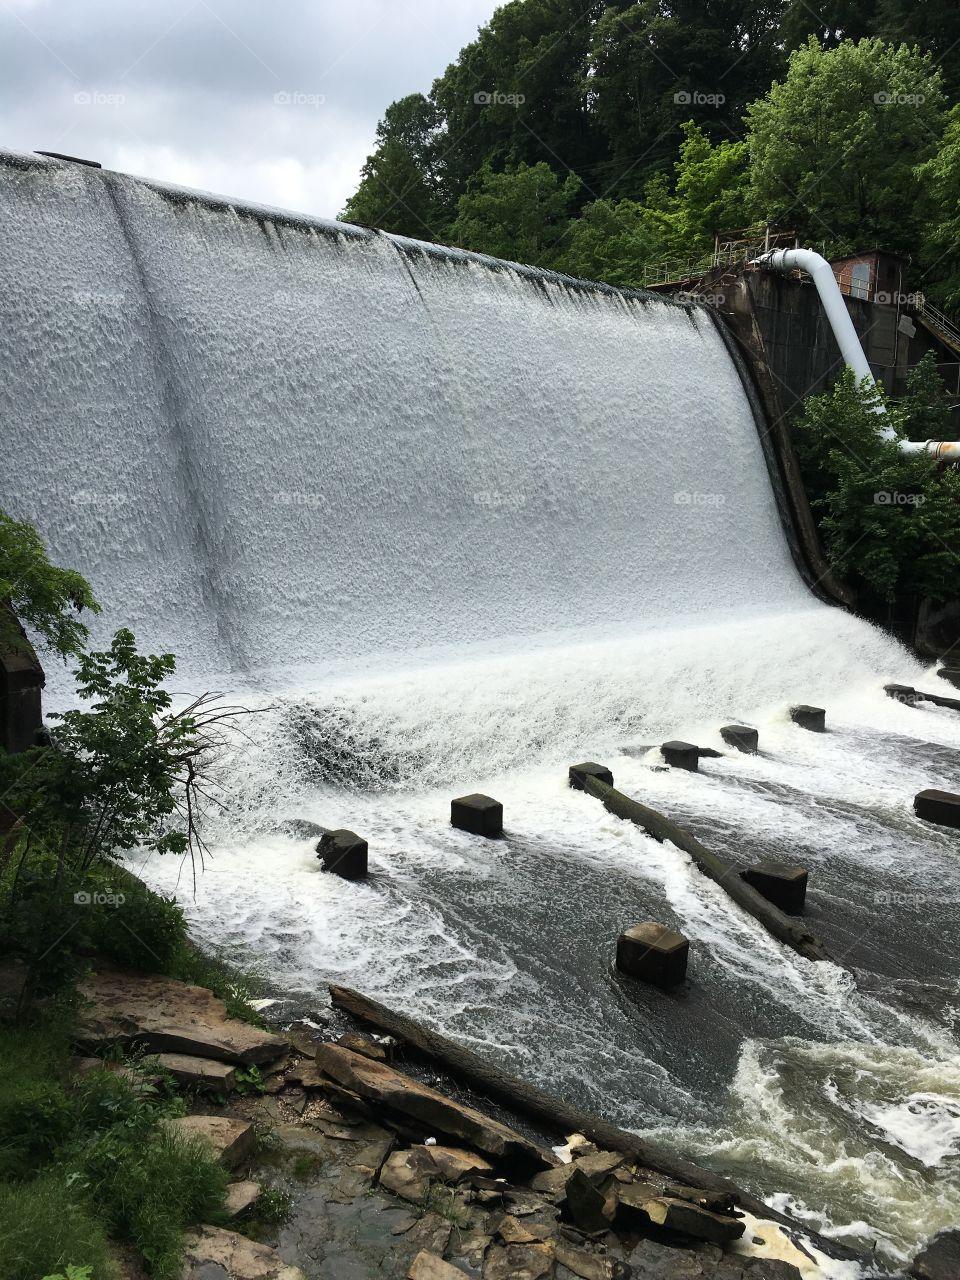 Cuyahoga falls Ohio